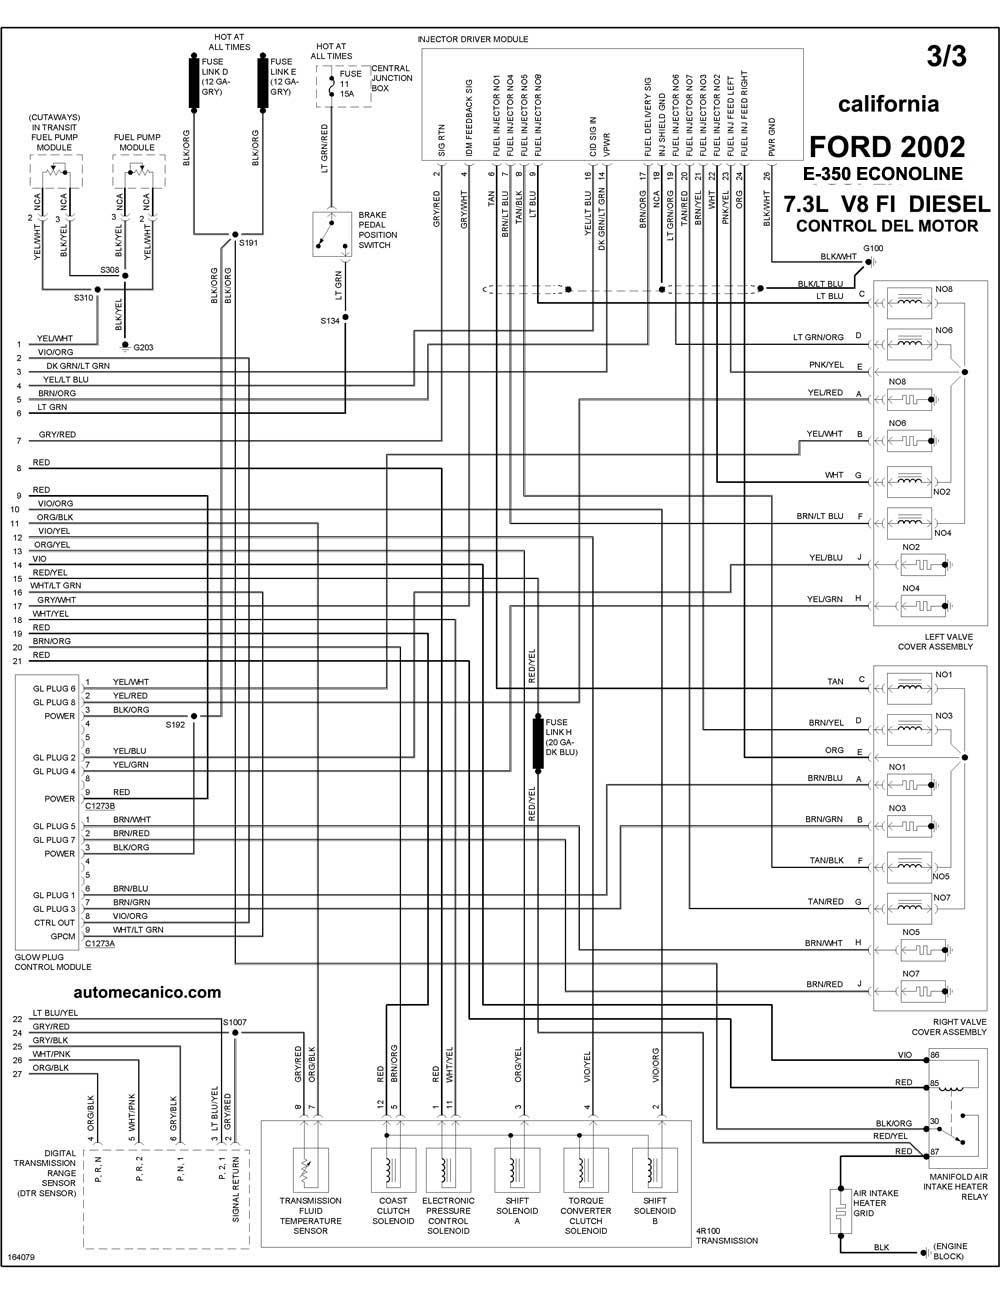 1950 ford v8 Diagrama del motor